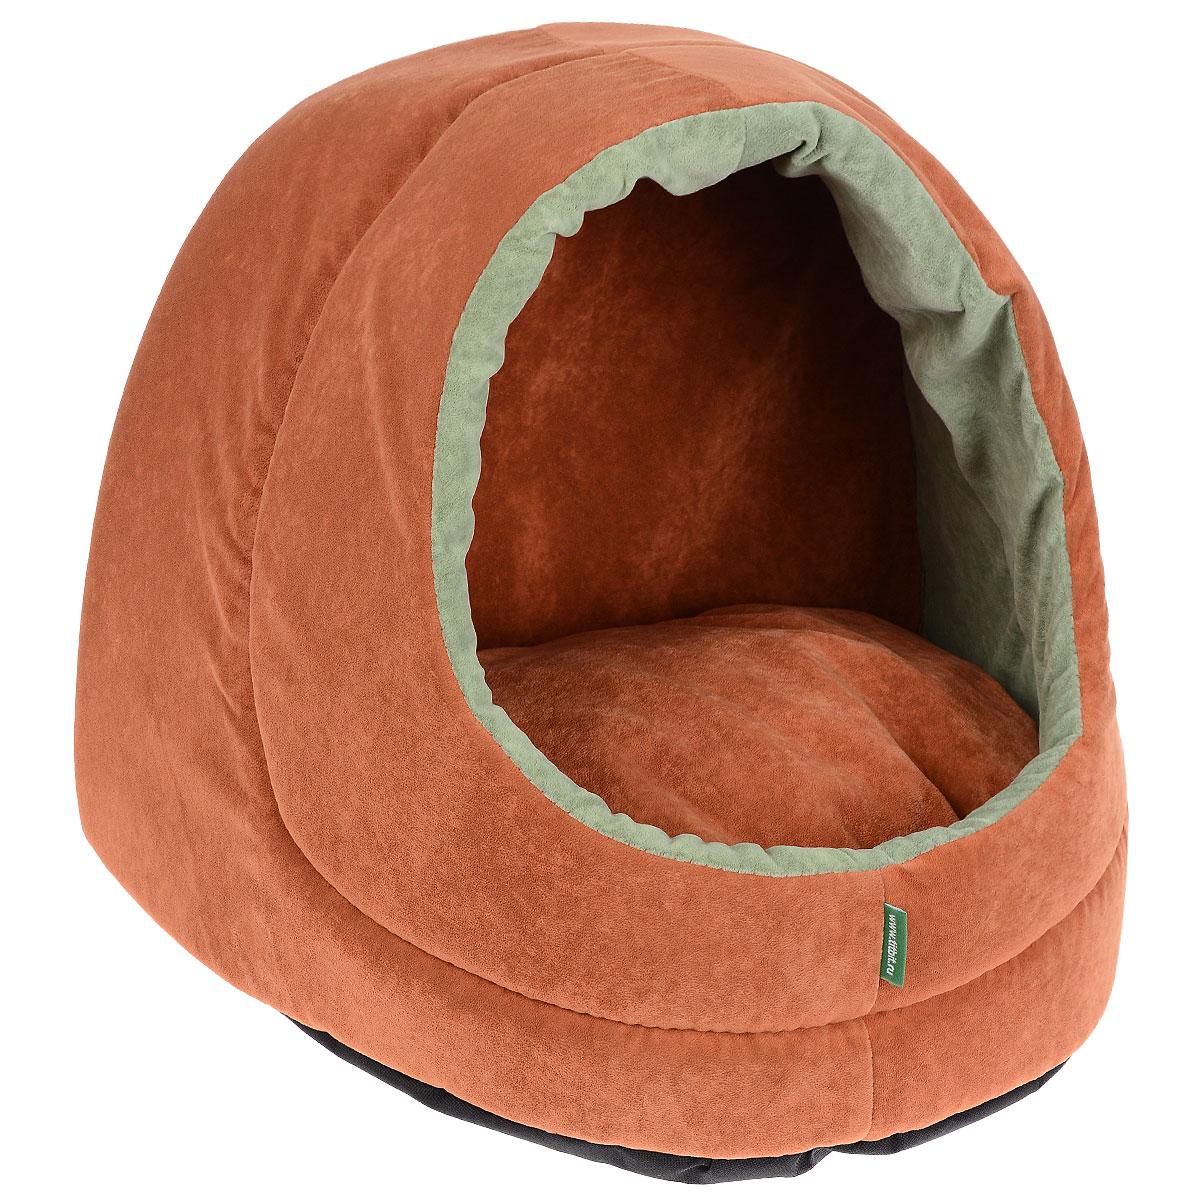 Домик для кошек и собак Titbit, цвет: оранжевый, 35 см х 40 см х 35 см3824Домик предназначен для кошек и небольших собак. Конструкция из поролона прекрасно держит форму, а отделка из флока - нежная и мягкая на ощупь. Дно домика сшито из износостойкой ткани, а внутри лежит мягкая двусторонняя подушка на синтепоне. Стильная расцветка впишется в любой интерьер. Домик от TiTBiT обеспечит Вашему питомцу уютный и комфортный отдых. Вкус: Состав: ткань мебельная флок, поролон, синтепон. ткань Оксфорд Условия хранения: сухое место.